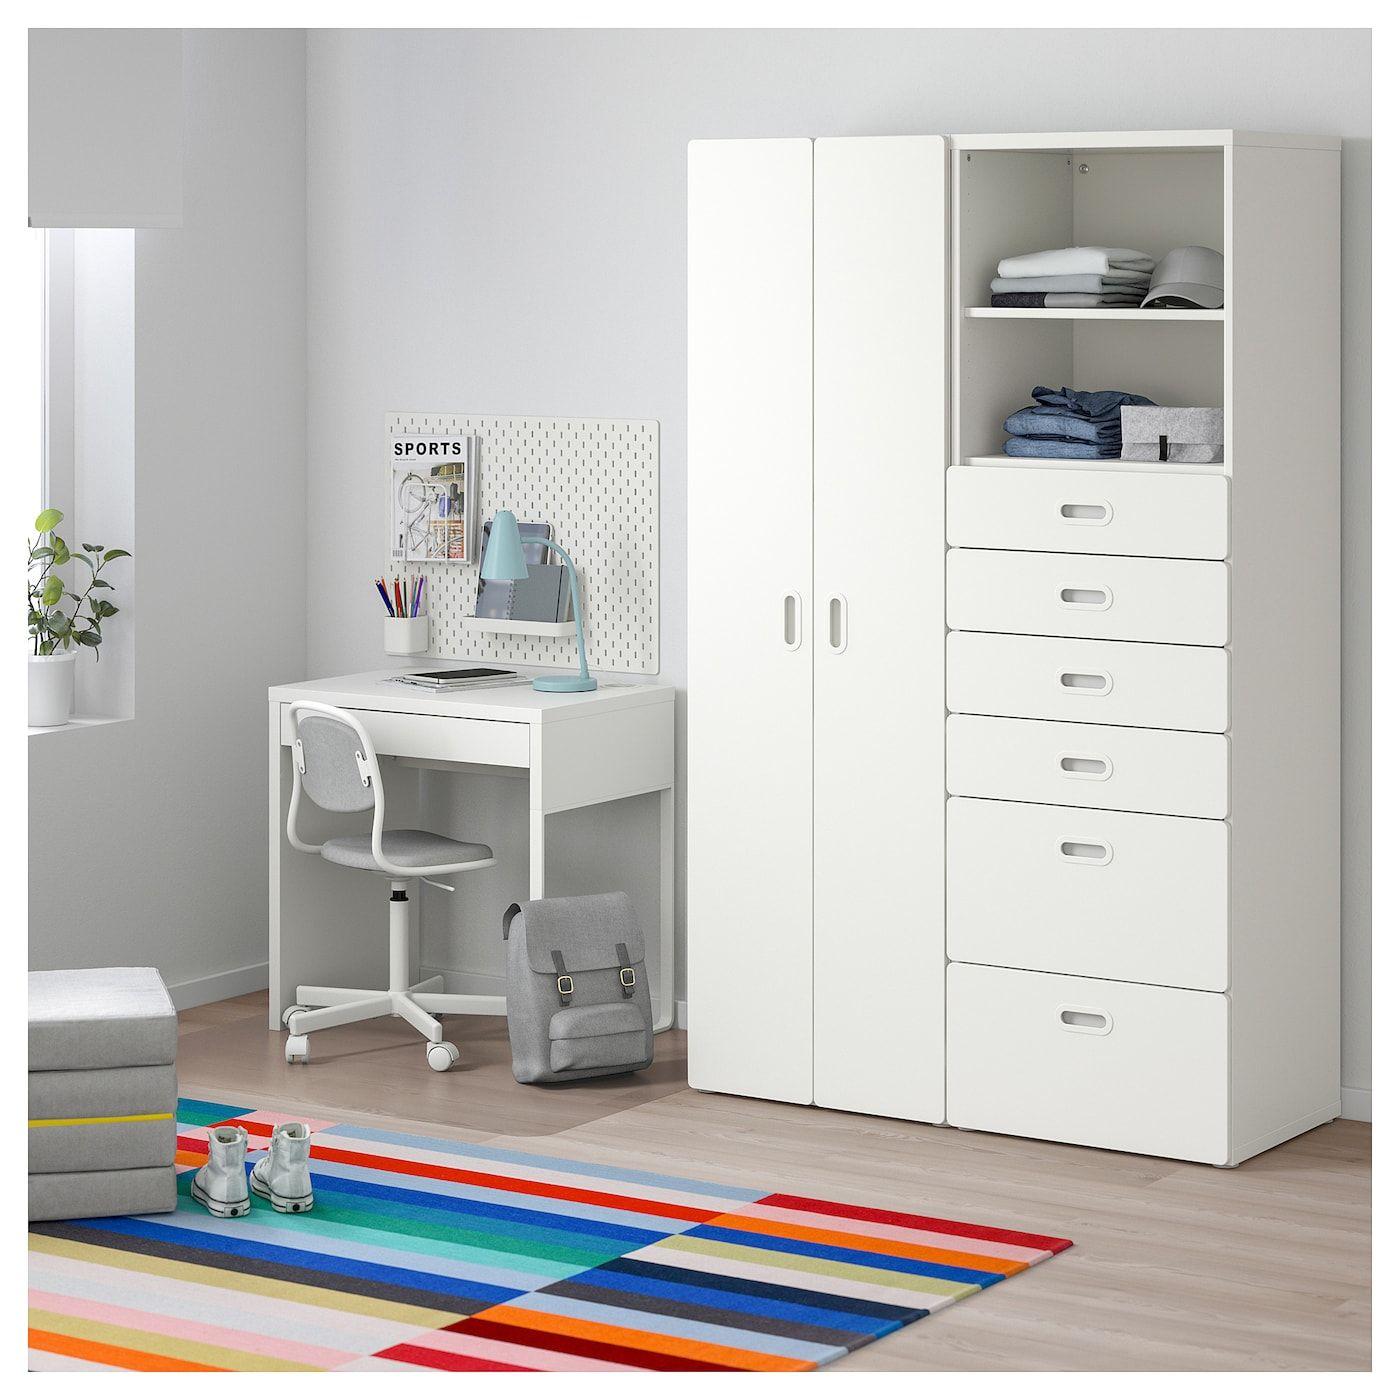 Kinderzimmer Kleiderschrank Einrichtung Deko Mädchenzimmer